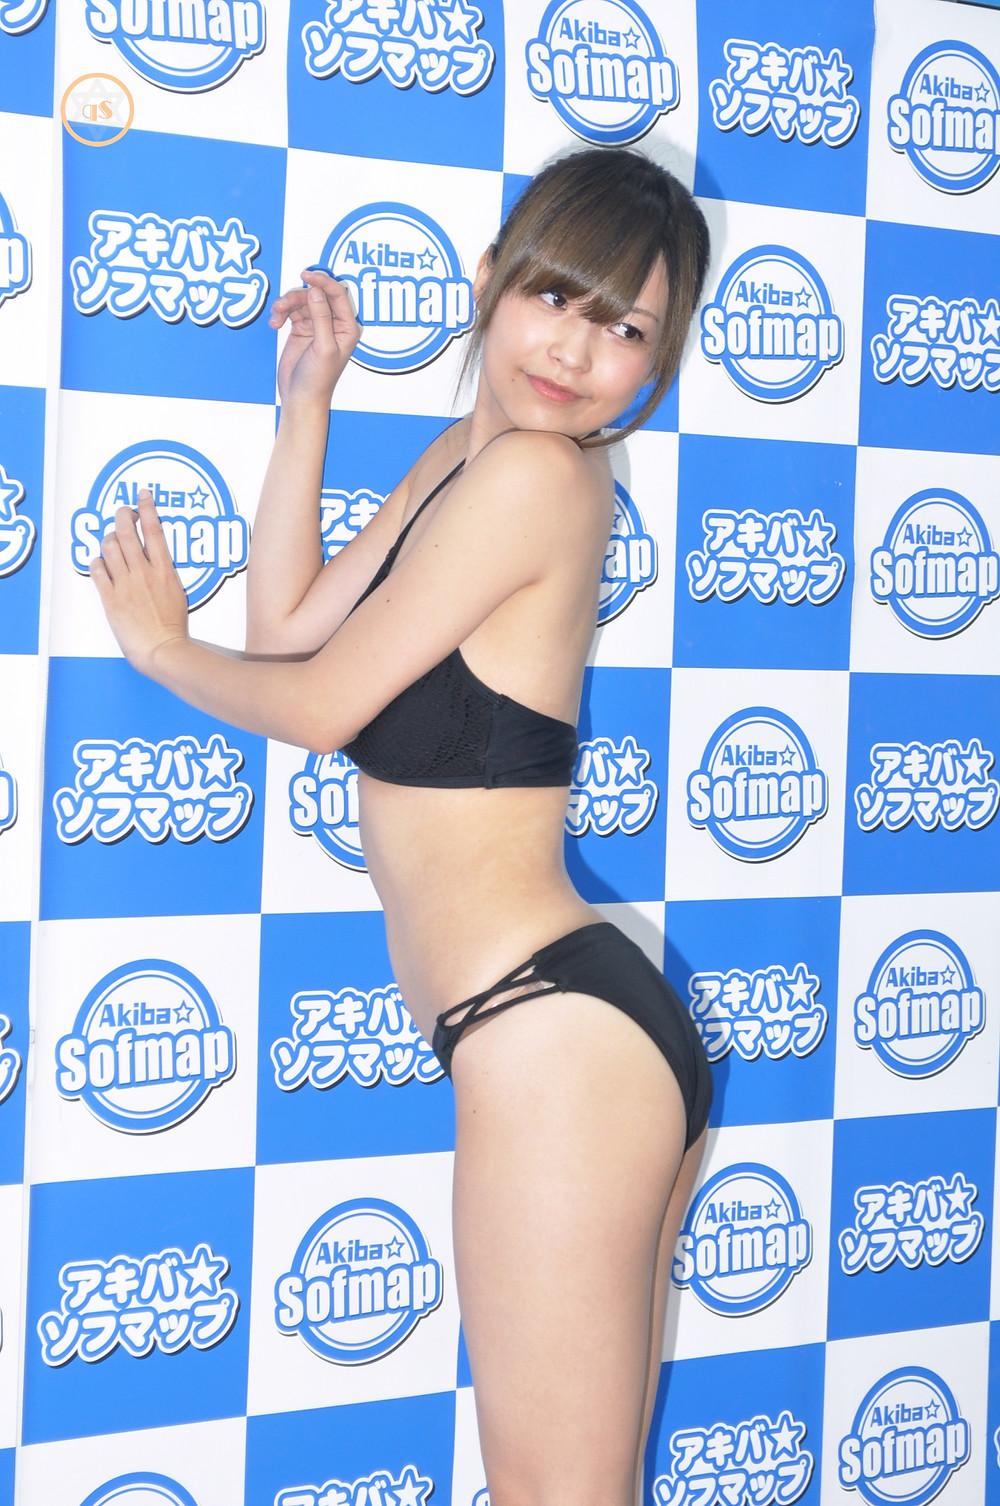 巨乳Gカップのグラビアアイドル・月野夏海